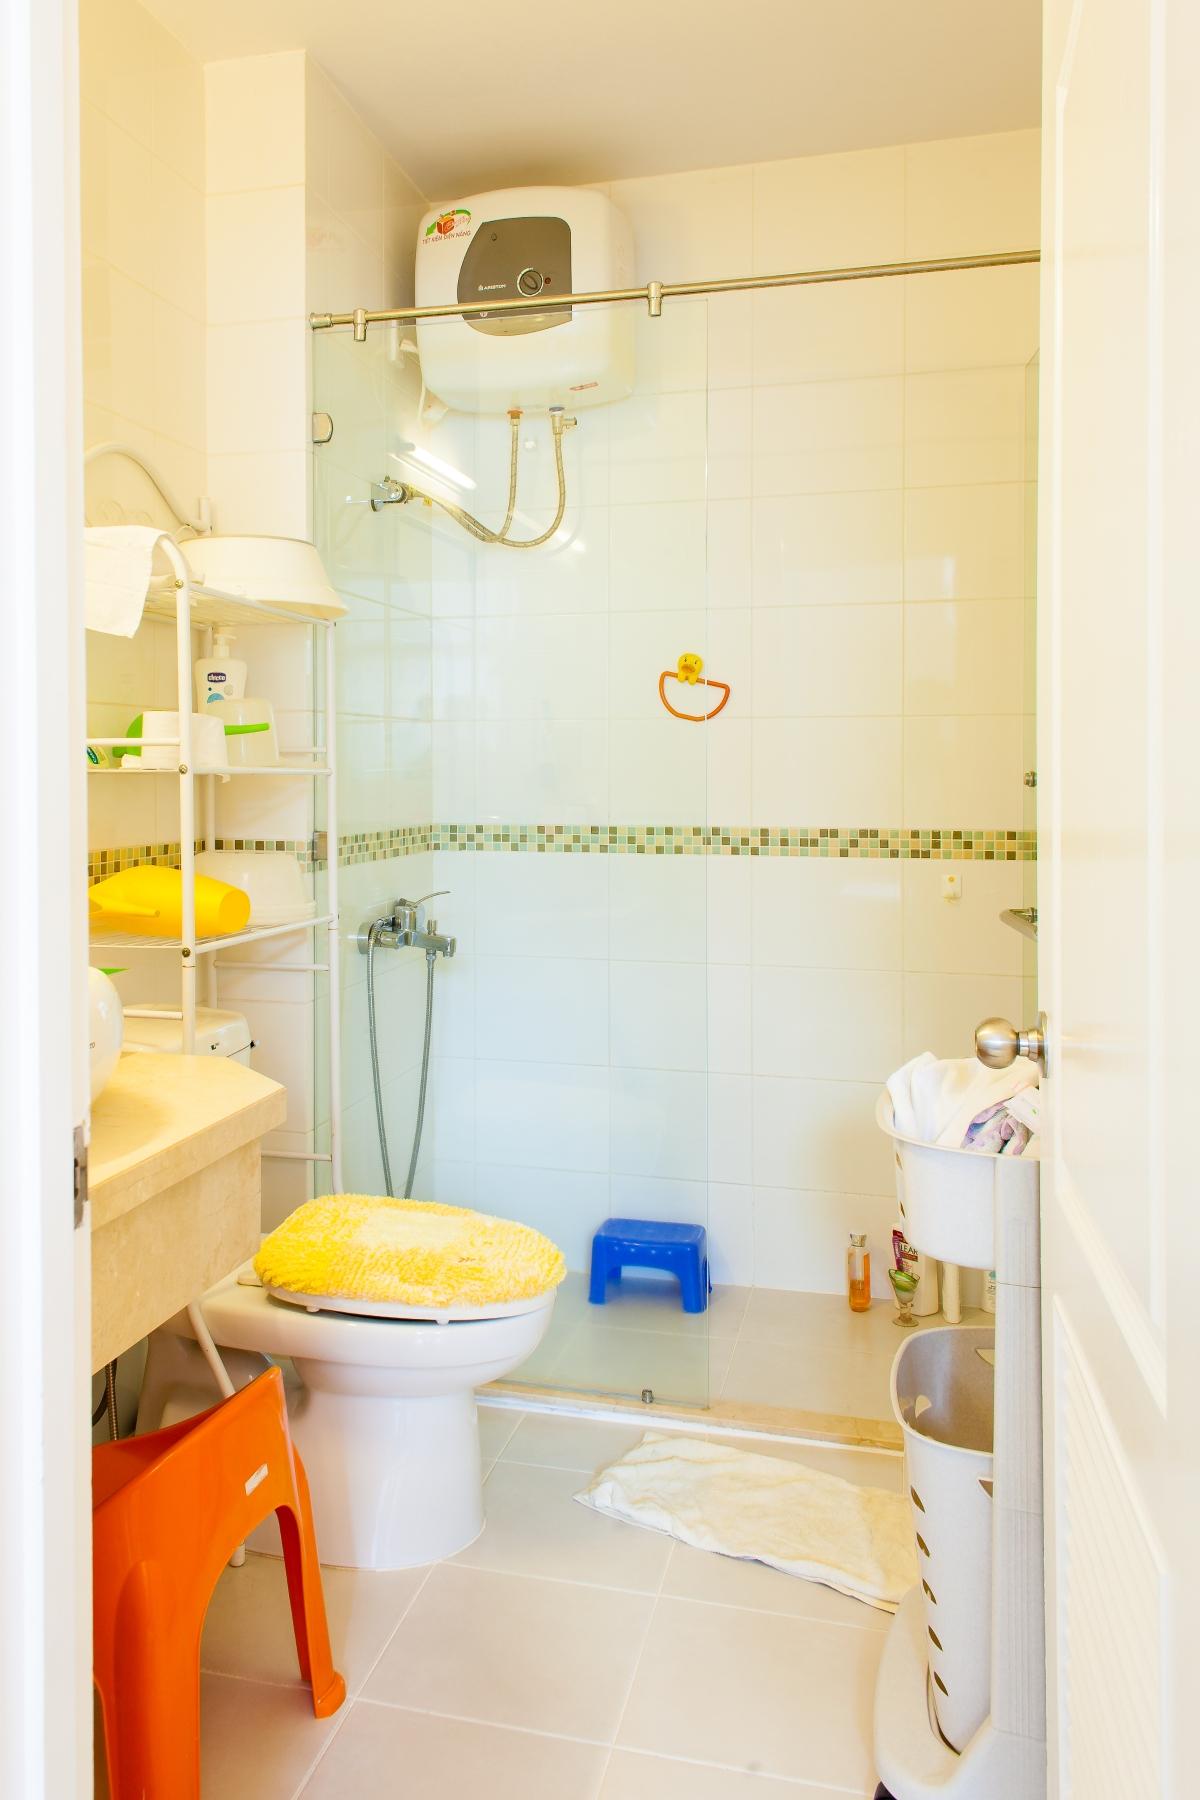 Phòng tắm nhỏ Villa 2 tầng đơn lập Mỹ Phú 1A